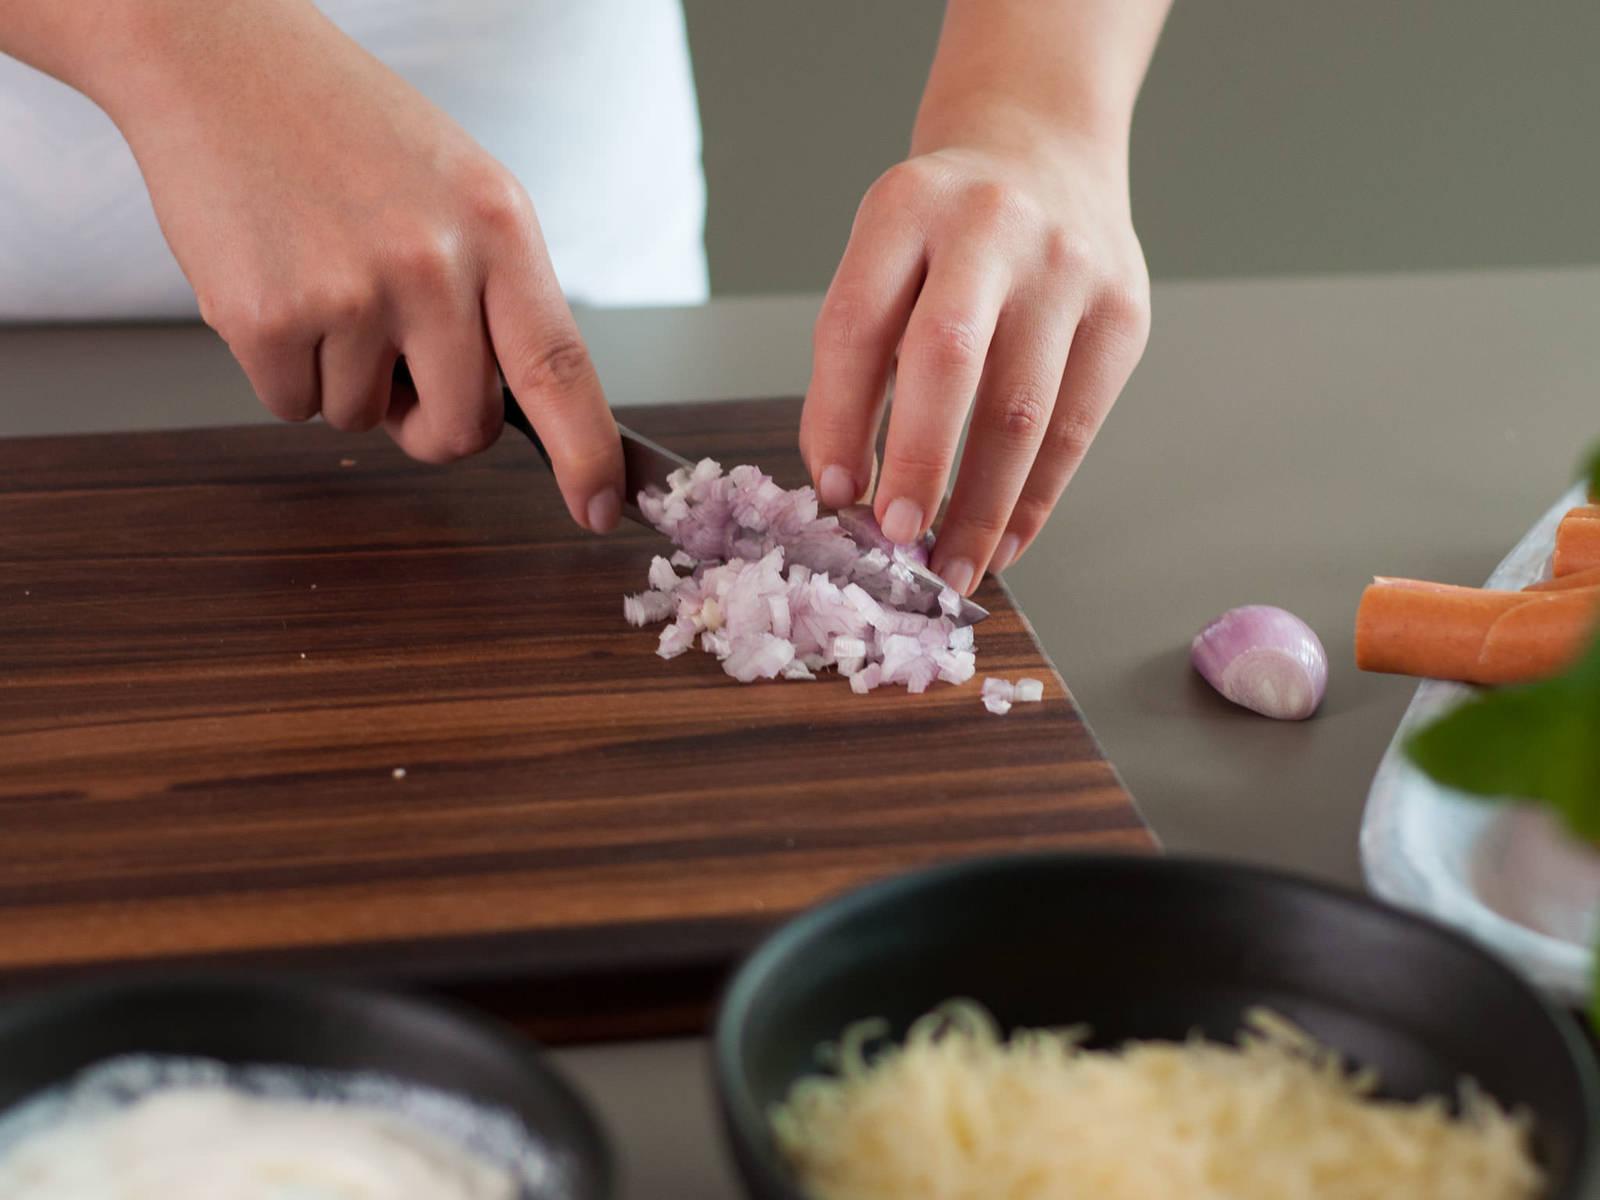 Backofen auf 180°C vorheizen. Schalotten fein würfeln.